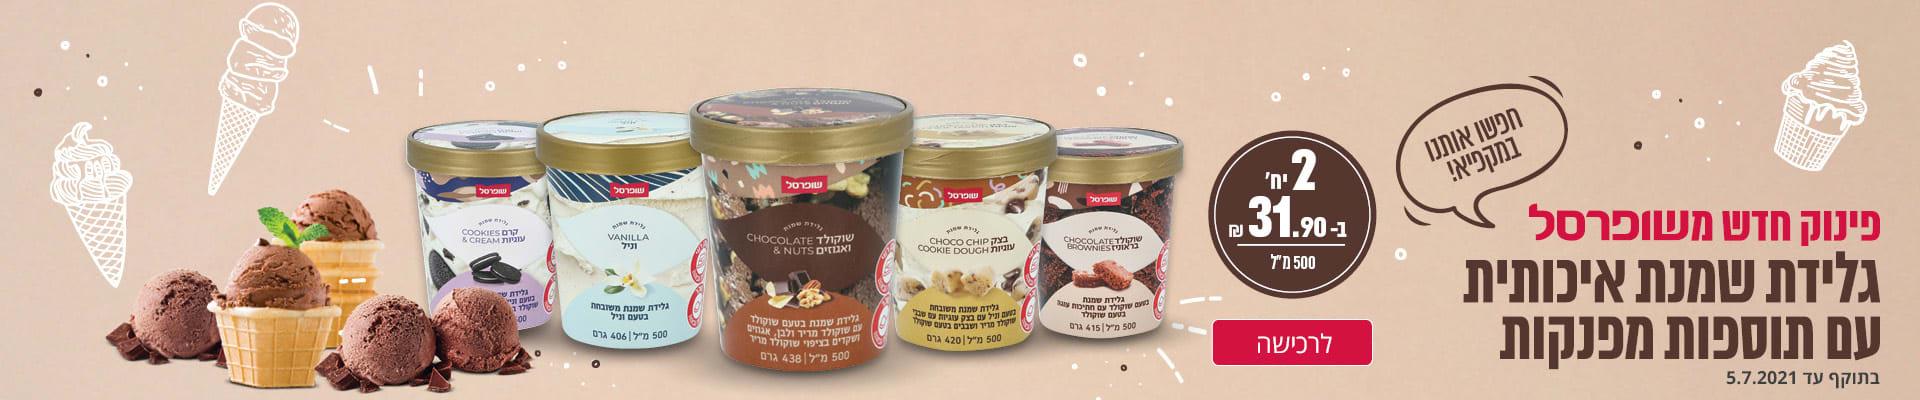 """פינוק חדש משופרסל גלידת שמנת איכותית עם תוספות מפנקות חפשו אותנו במקפיא! 2 יח' ב- 31.90 ₪ 500 מ""""ל לרכישה בתוקף עד 5.7.2021"""